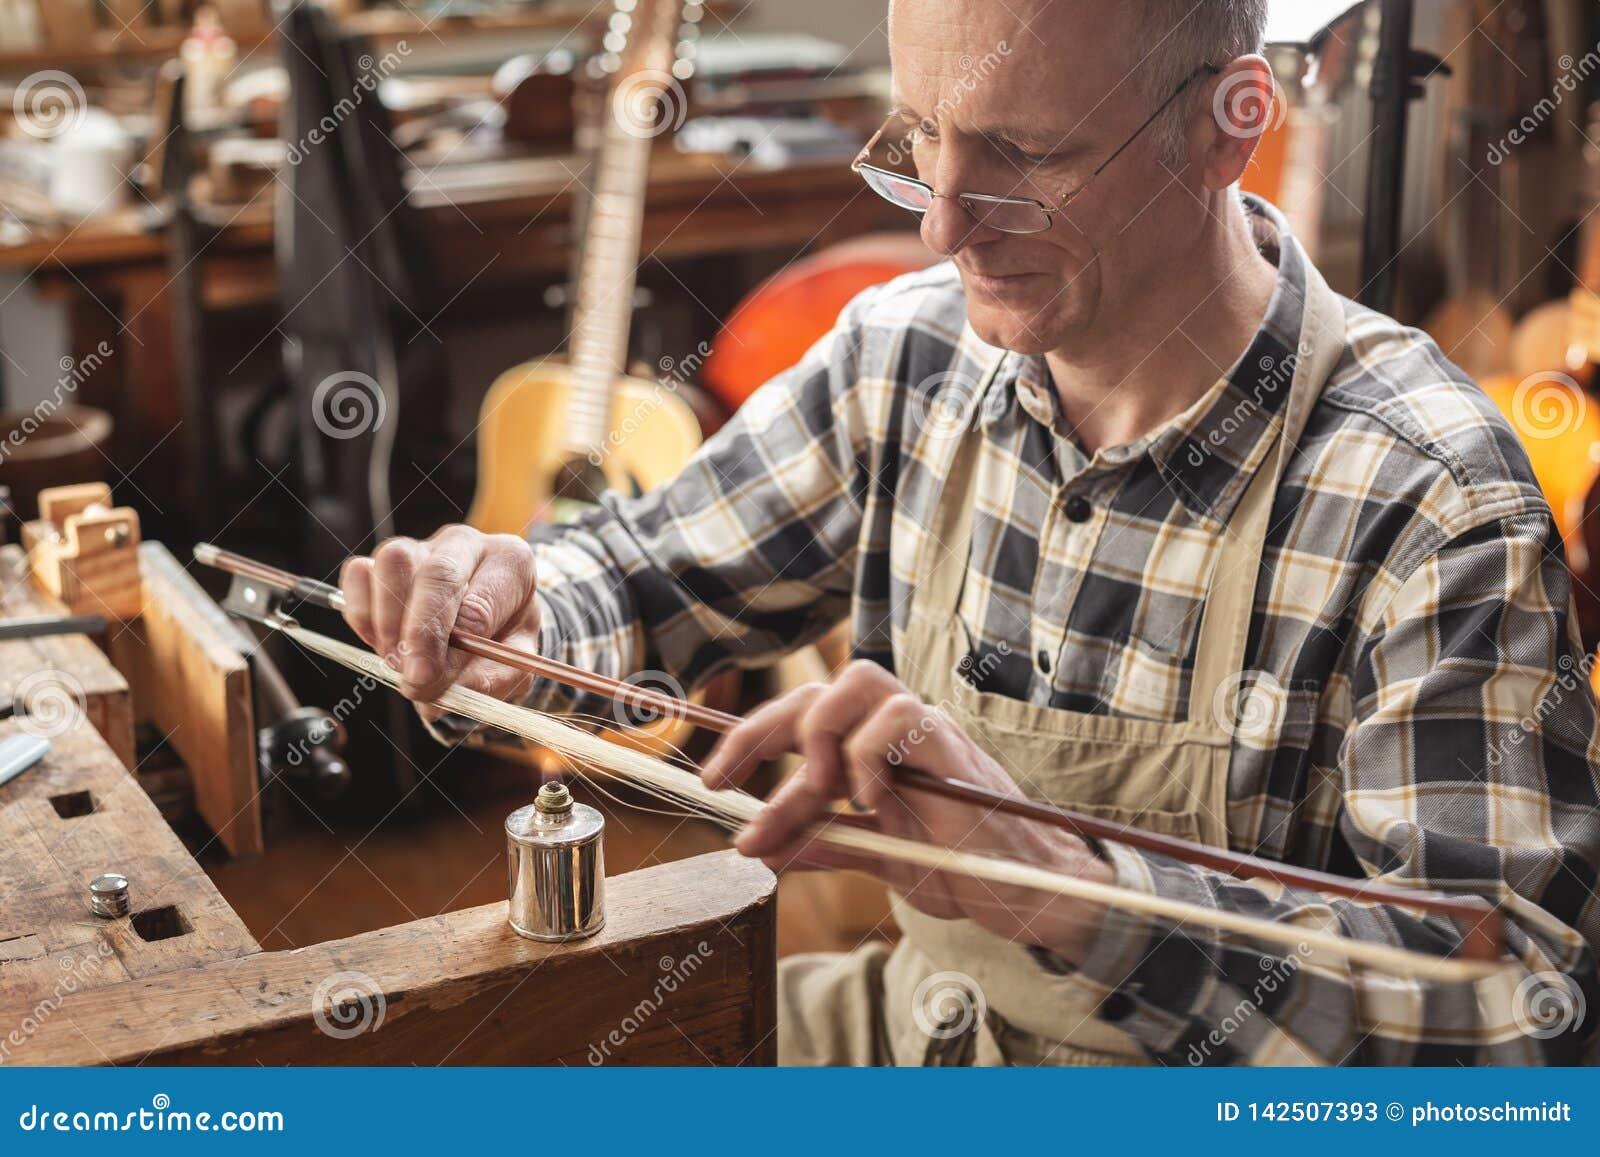 Ο ώριμος κατασκευαστής οργάνων μέσα σε ένα αγροτικό εργαστήριο θερμαίνει skillfully την τρίχα ενός τόξου βιολιών για να ρυθμίσει